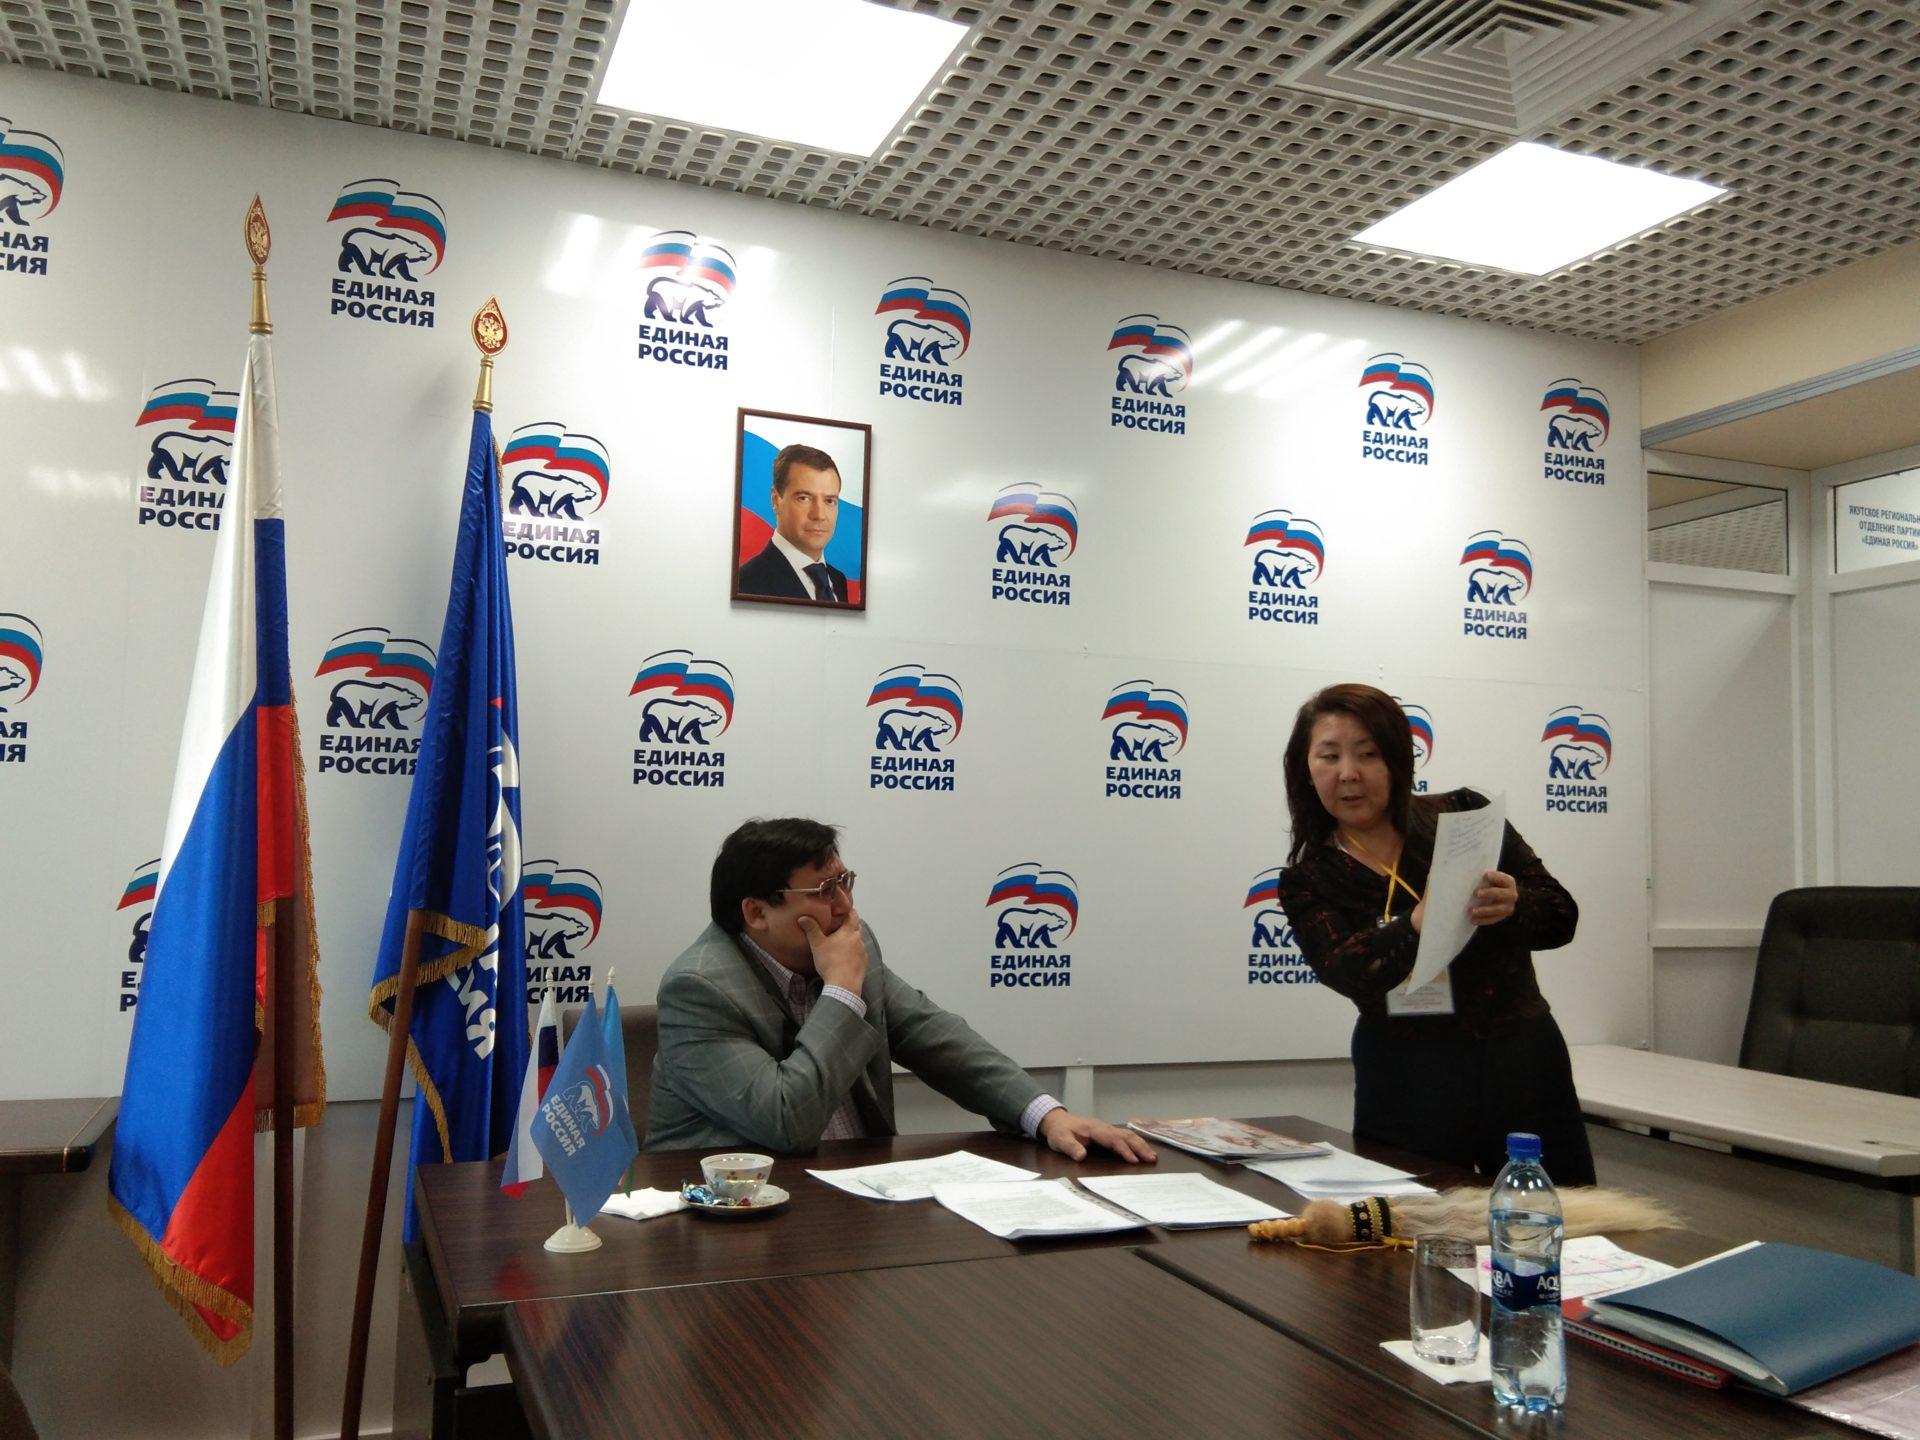 Галина Карелова: В неделю приемов граждан будут работать свыше 30 тыс. дополнительных площадок «Единой России»